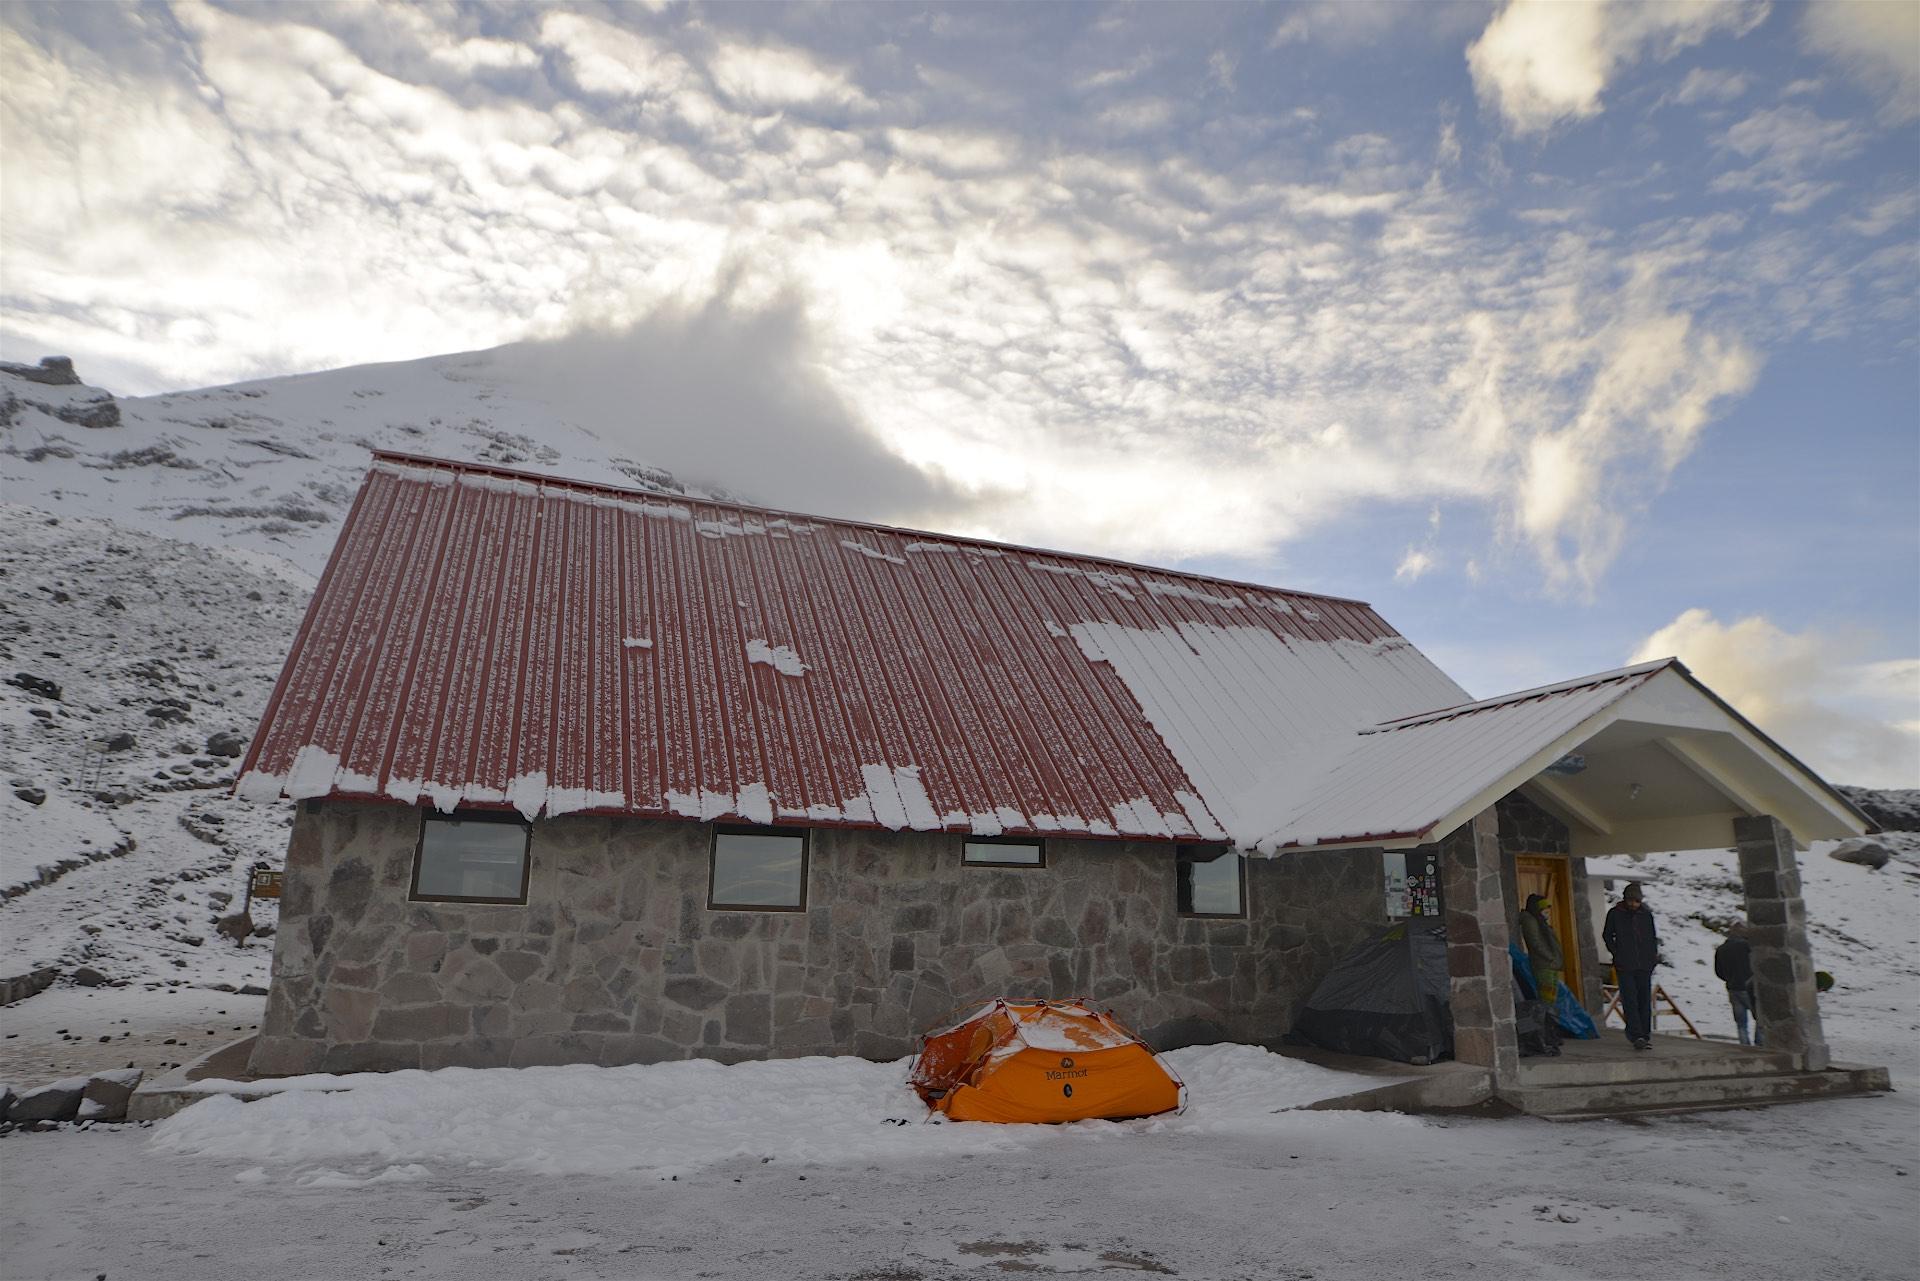 Camping at Refugio #1 at 4850meters.